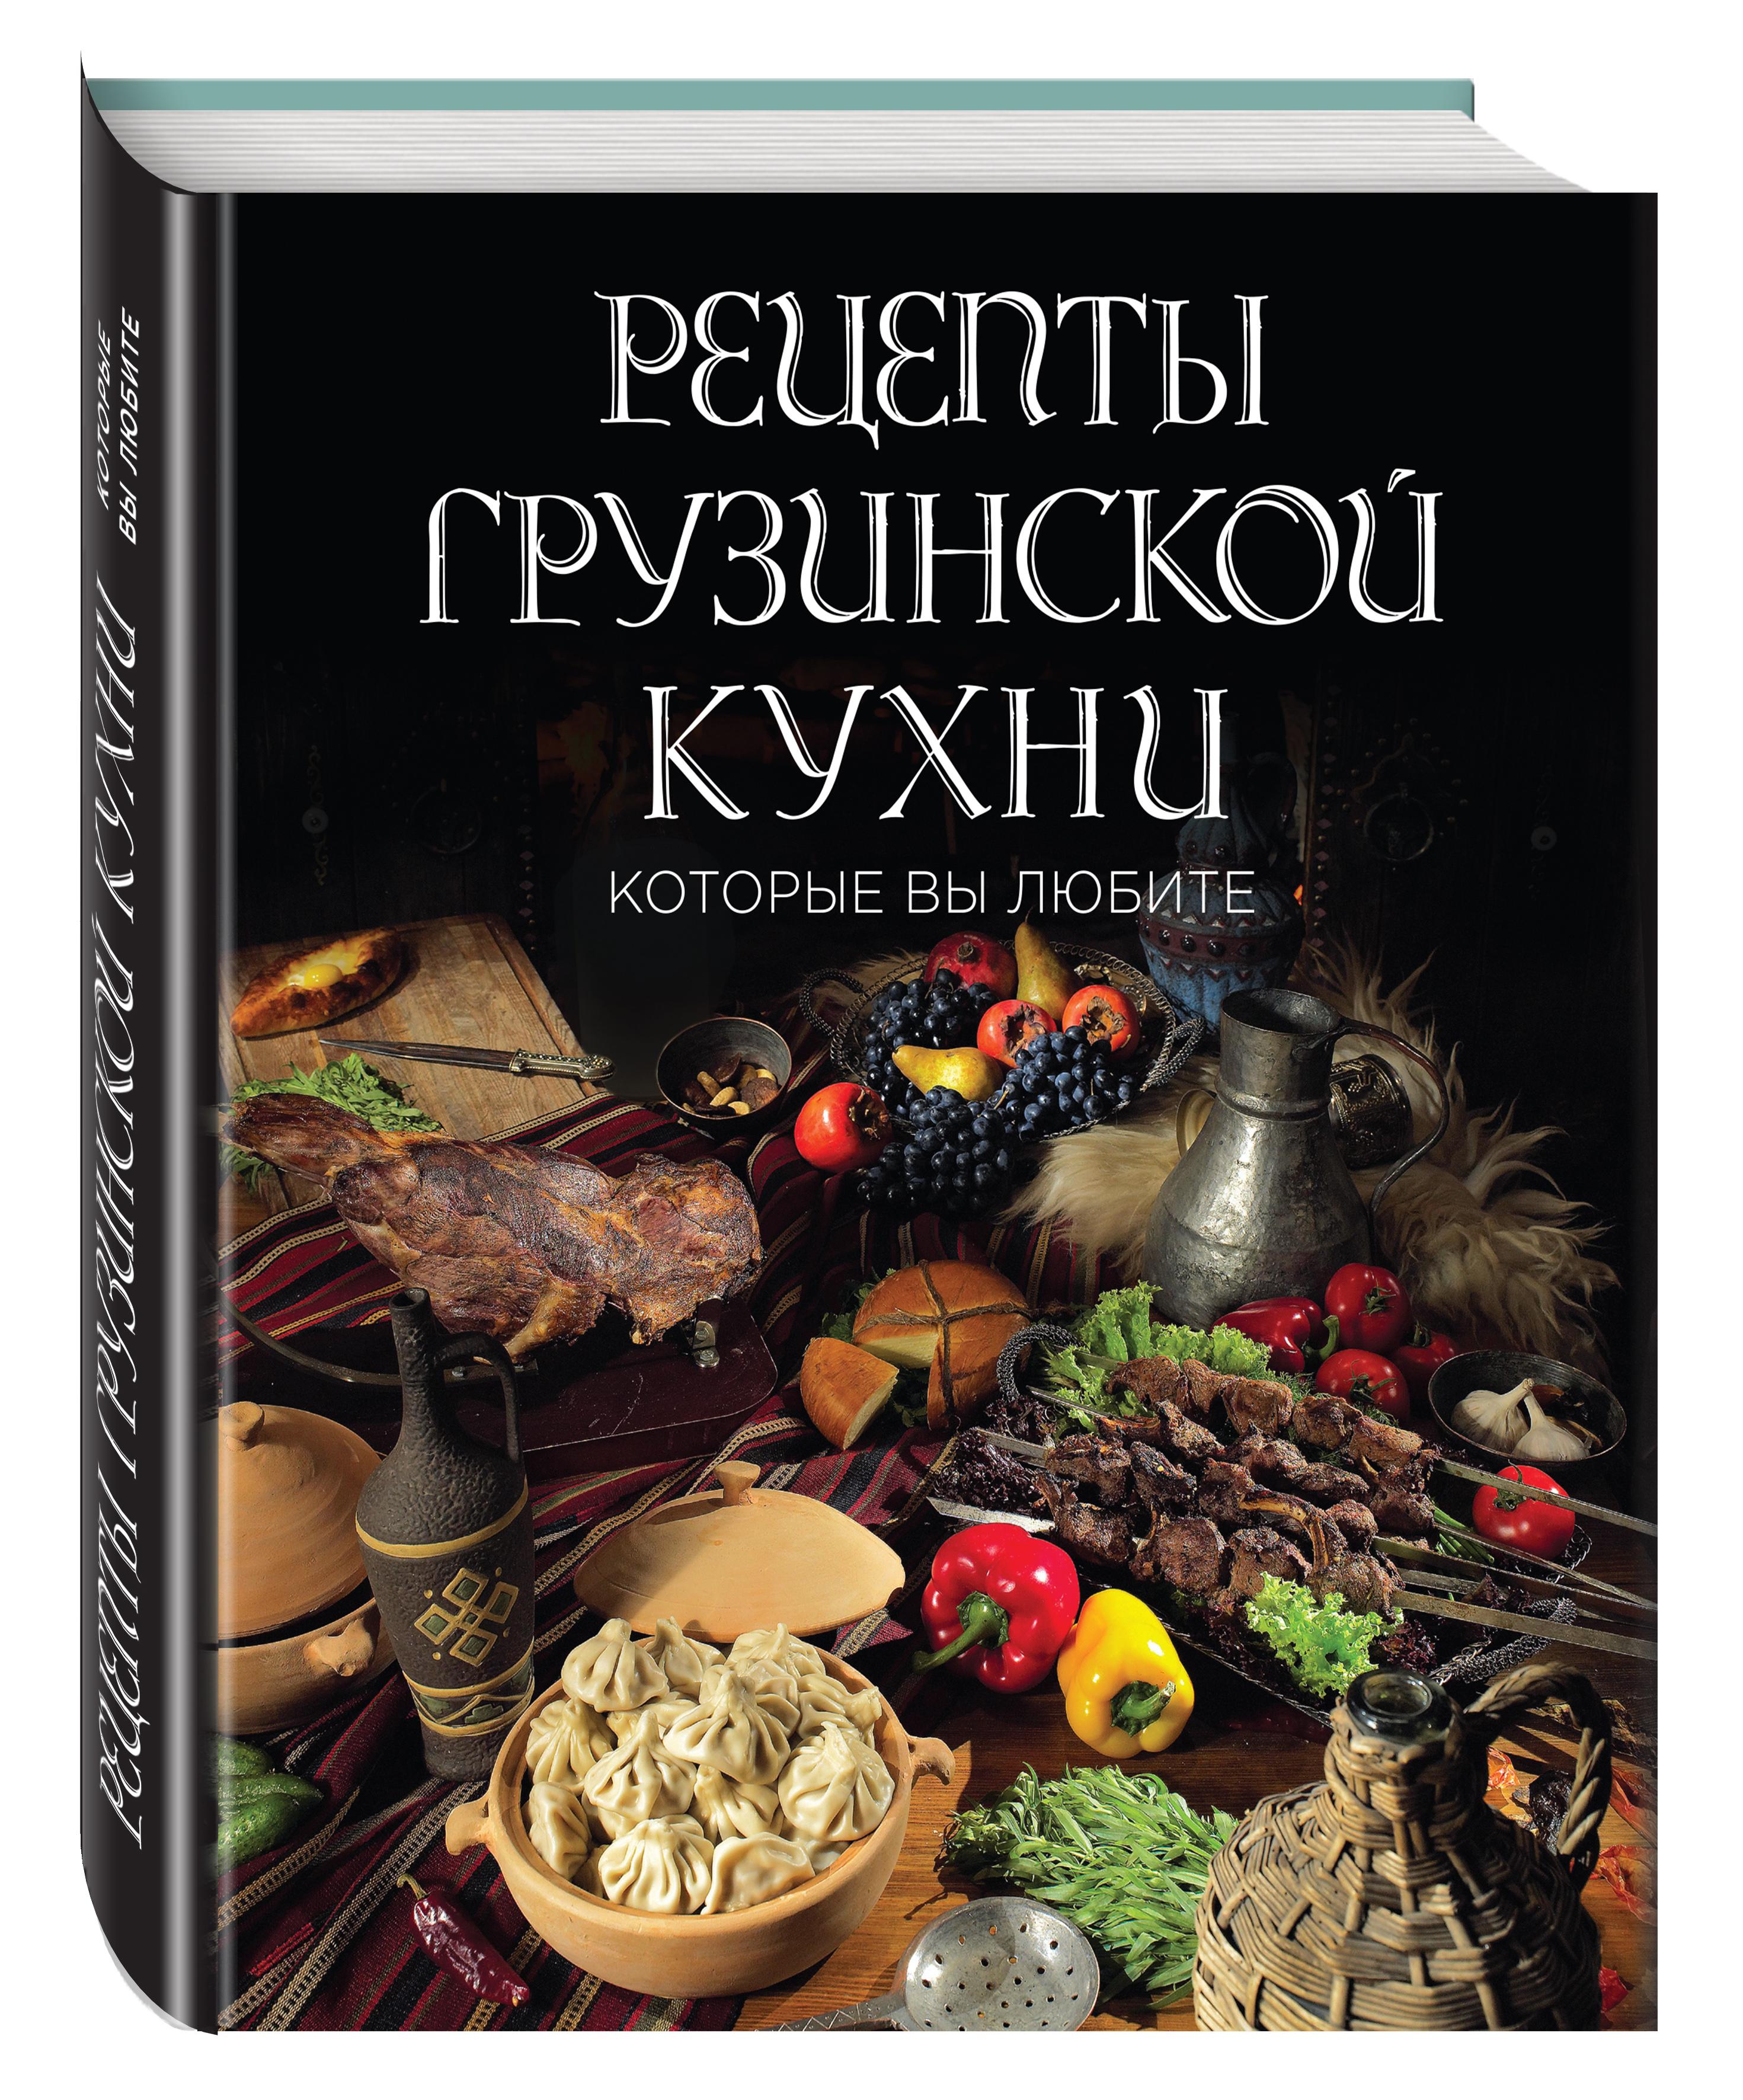 Рецепты грузинской кухни, которые вы любите (комплект) грузинская кухня